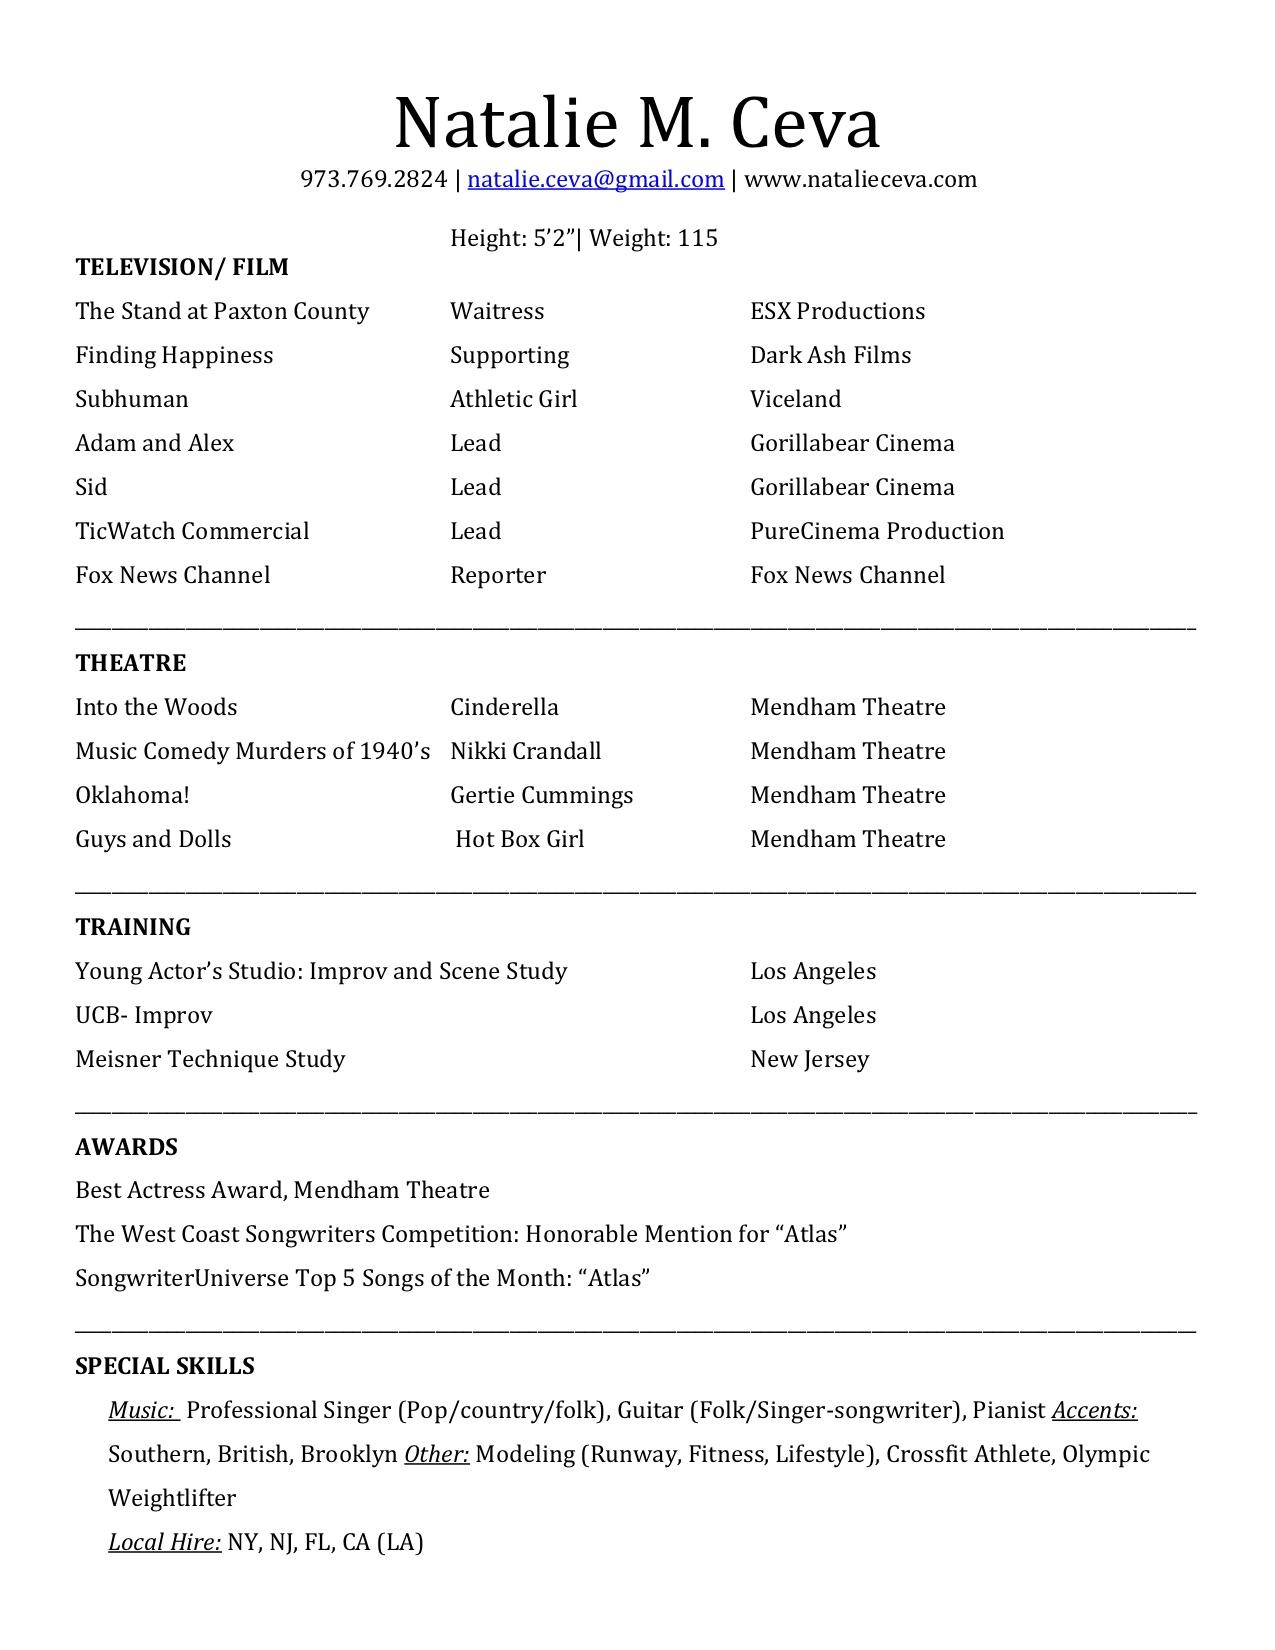 Natalie Ceva _ Acting Resume.jpg